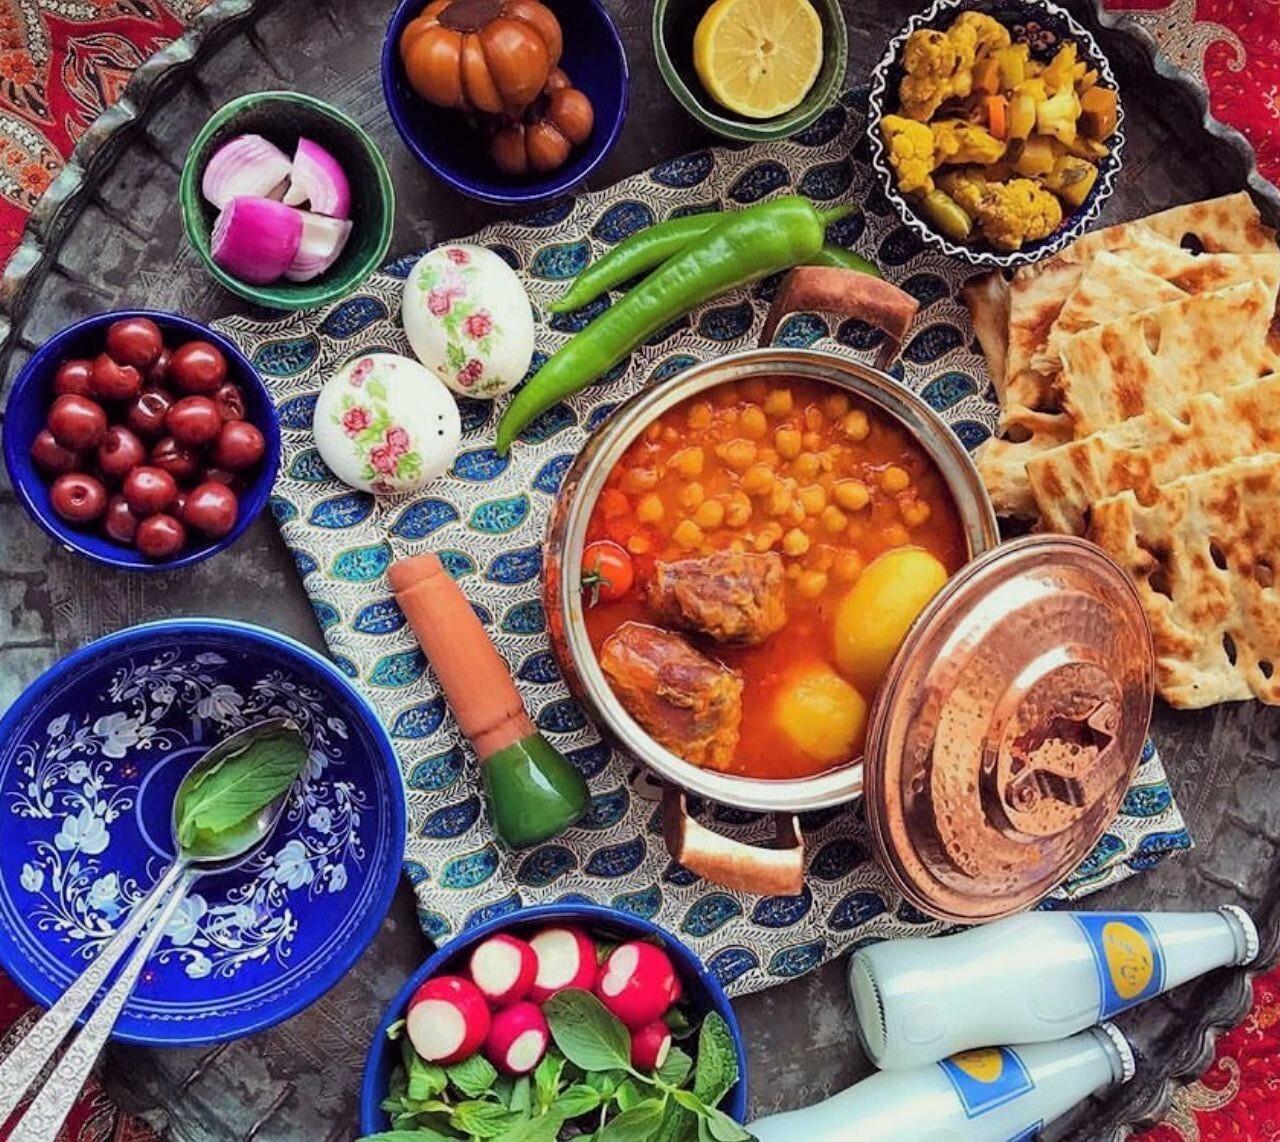 تاریخچه و انواع آبگوشت؛ غذای اصیل ایرانی